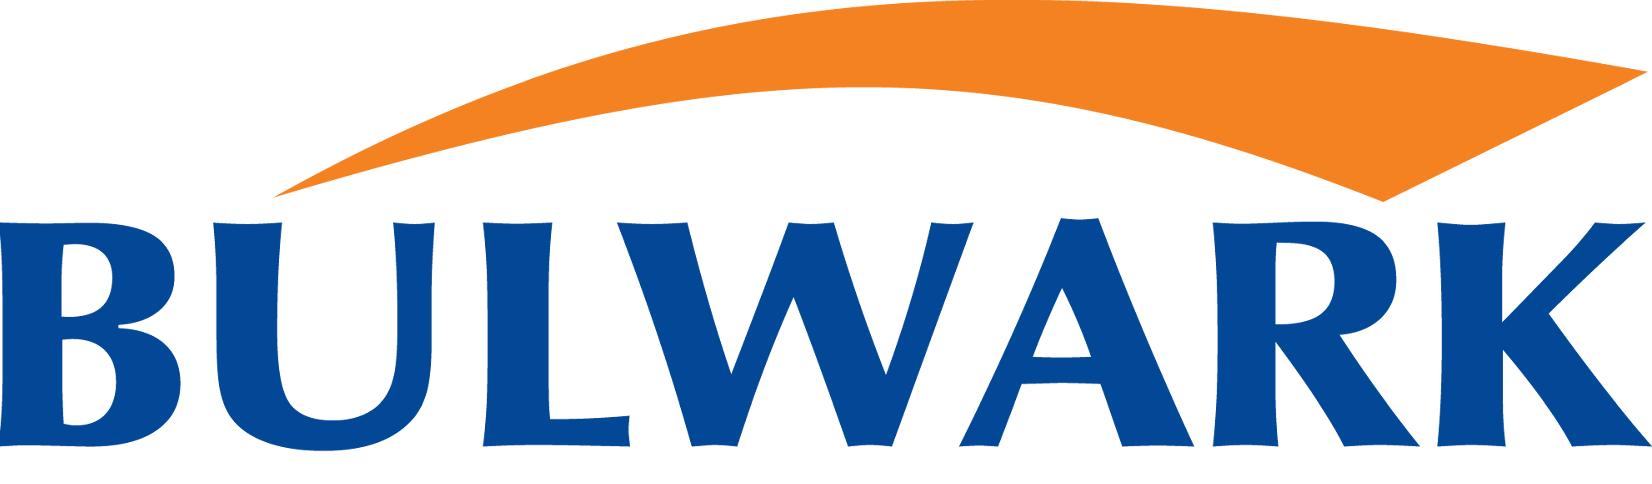 Bulwark Technologies Logo